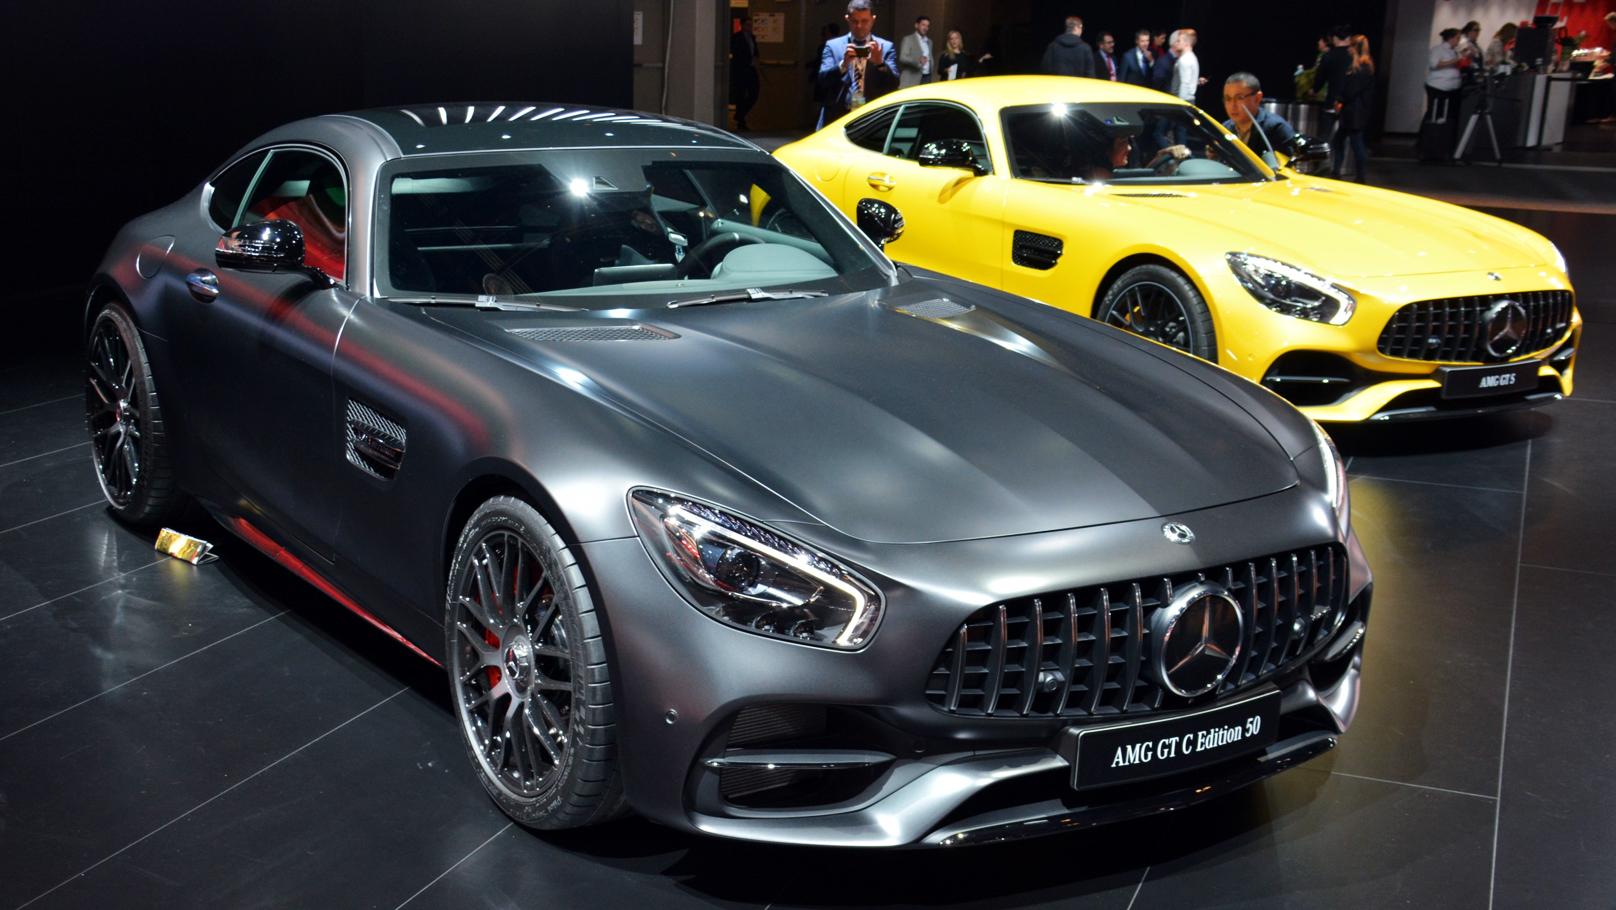 AMG GT-C Detroit auto show